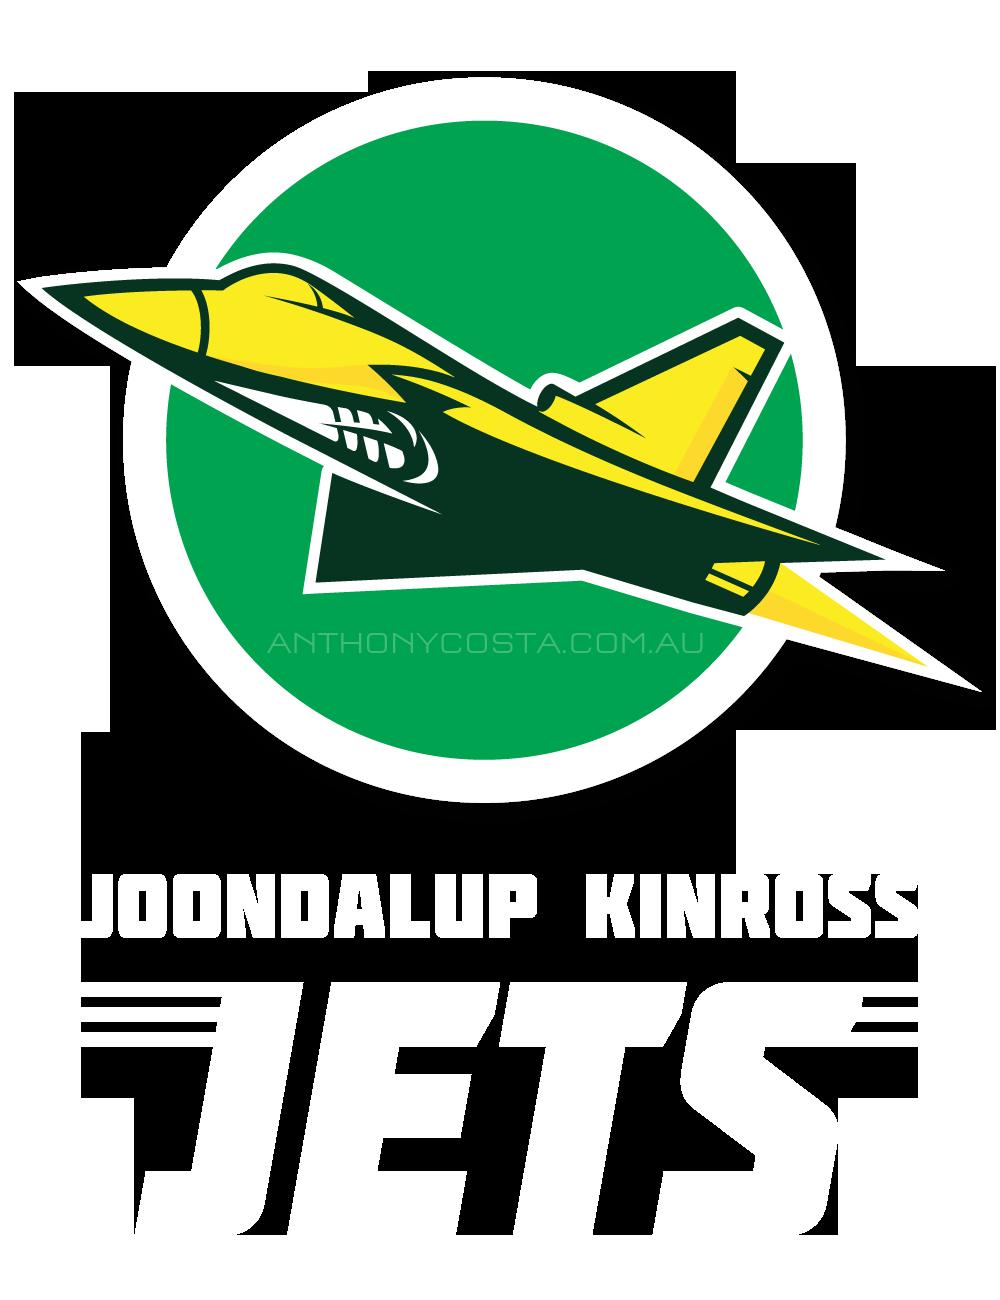 Joondalup Jets AFL sports logo design